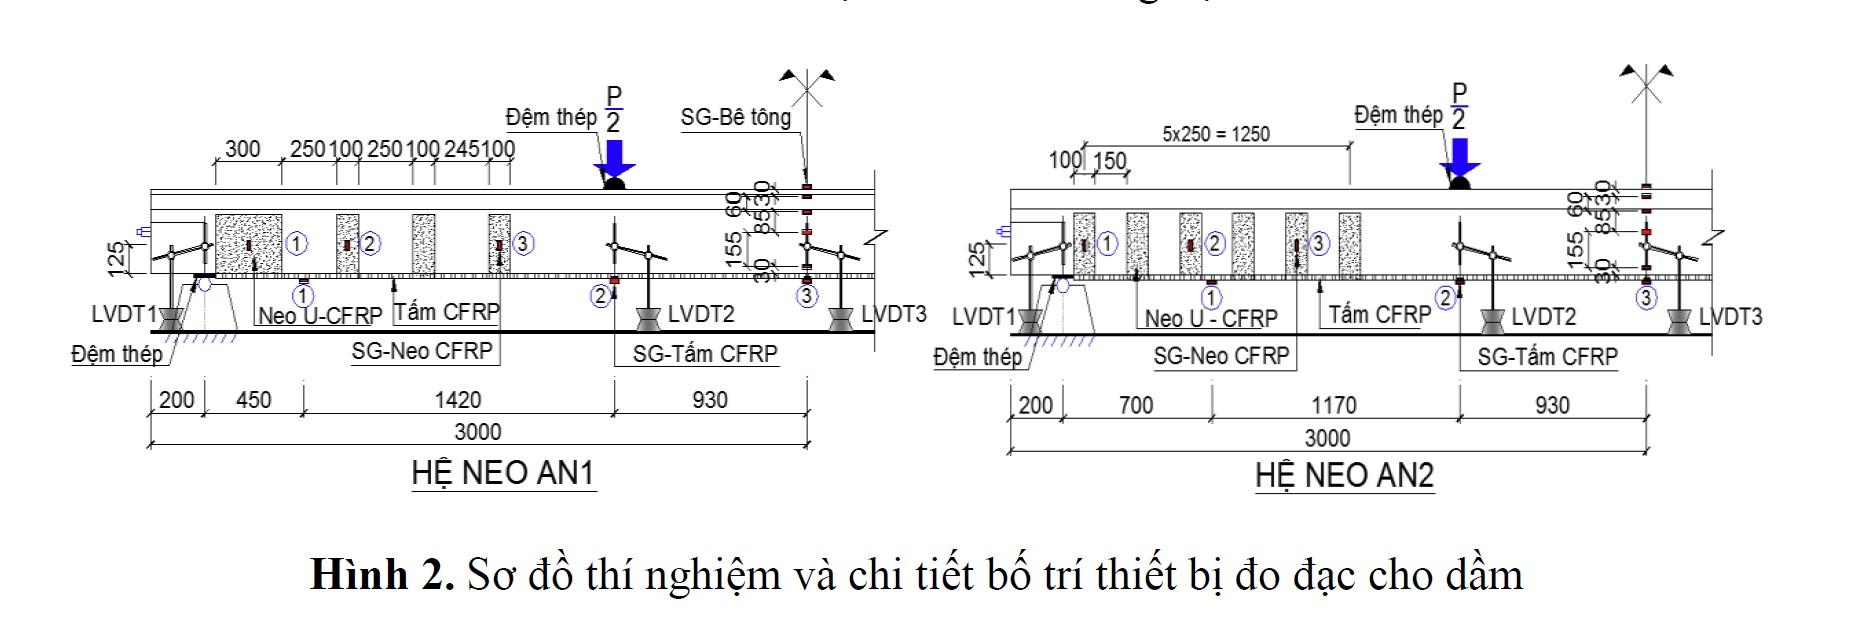 sơ đồ thí nghiệm và chi tiết bố trí thiết bị đo đạc cho dầm